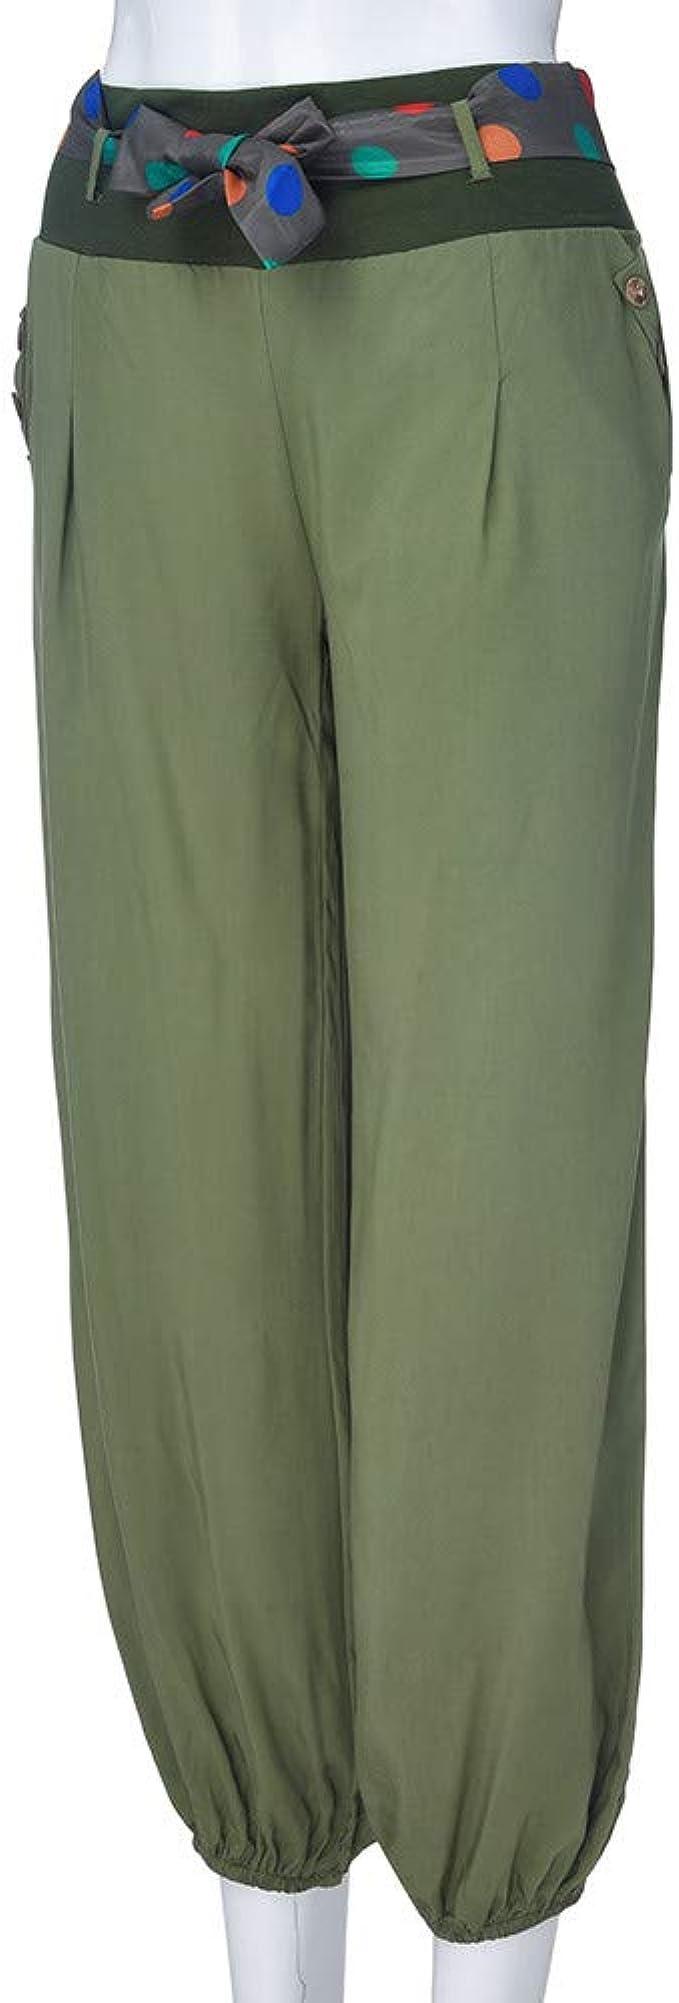 Creazrise - Pantalones de chándal para Mujer, Cintura Baja, Estilo ...